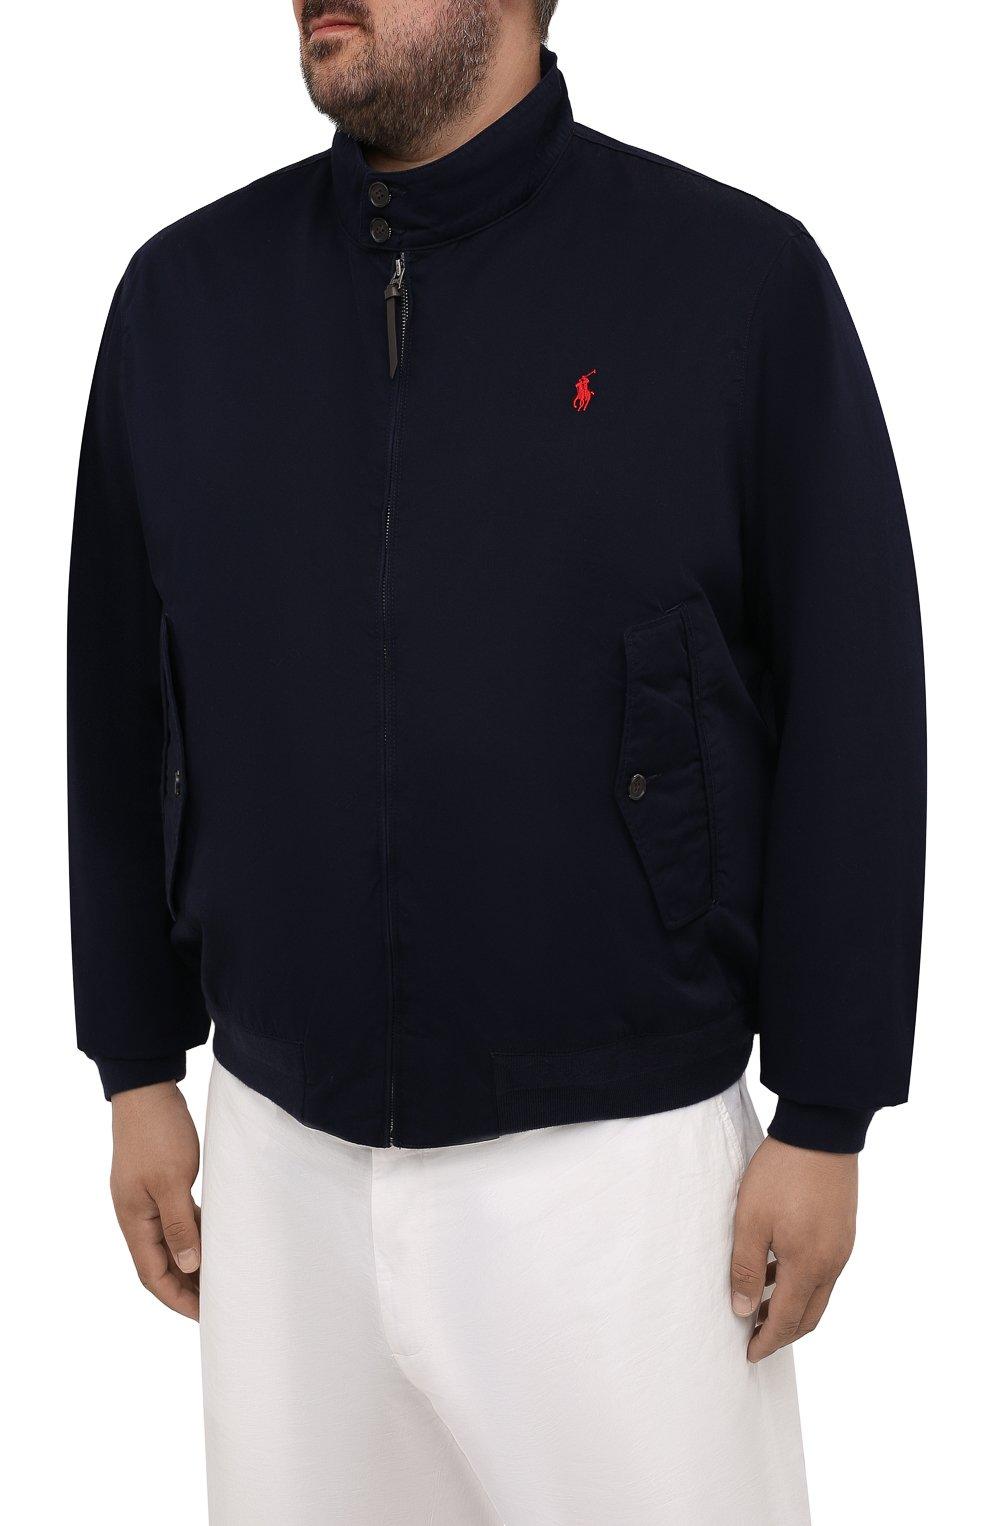 Мужской хлопковый бомбер POLO RALPH LAUREN темно-синего цвета, арт. 711776849/PRL BS   Фото 3 (Кросс-КТ: Куртка; Big sizes: Big Sizes; Рукава: Длинные; Принт: Без принта; Материал внешний: Хлопок; Длина (верхняя одежда): Короткие; Материал подклада: Хлопок; Стили: Кэжуэл)